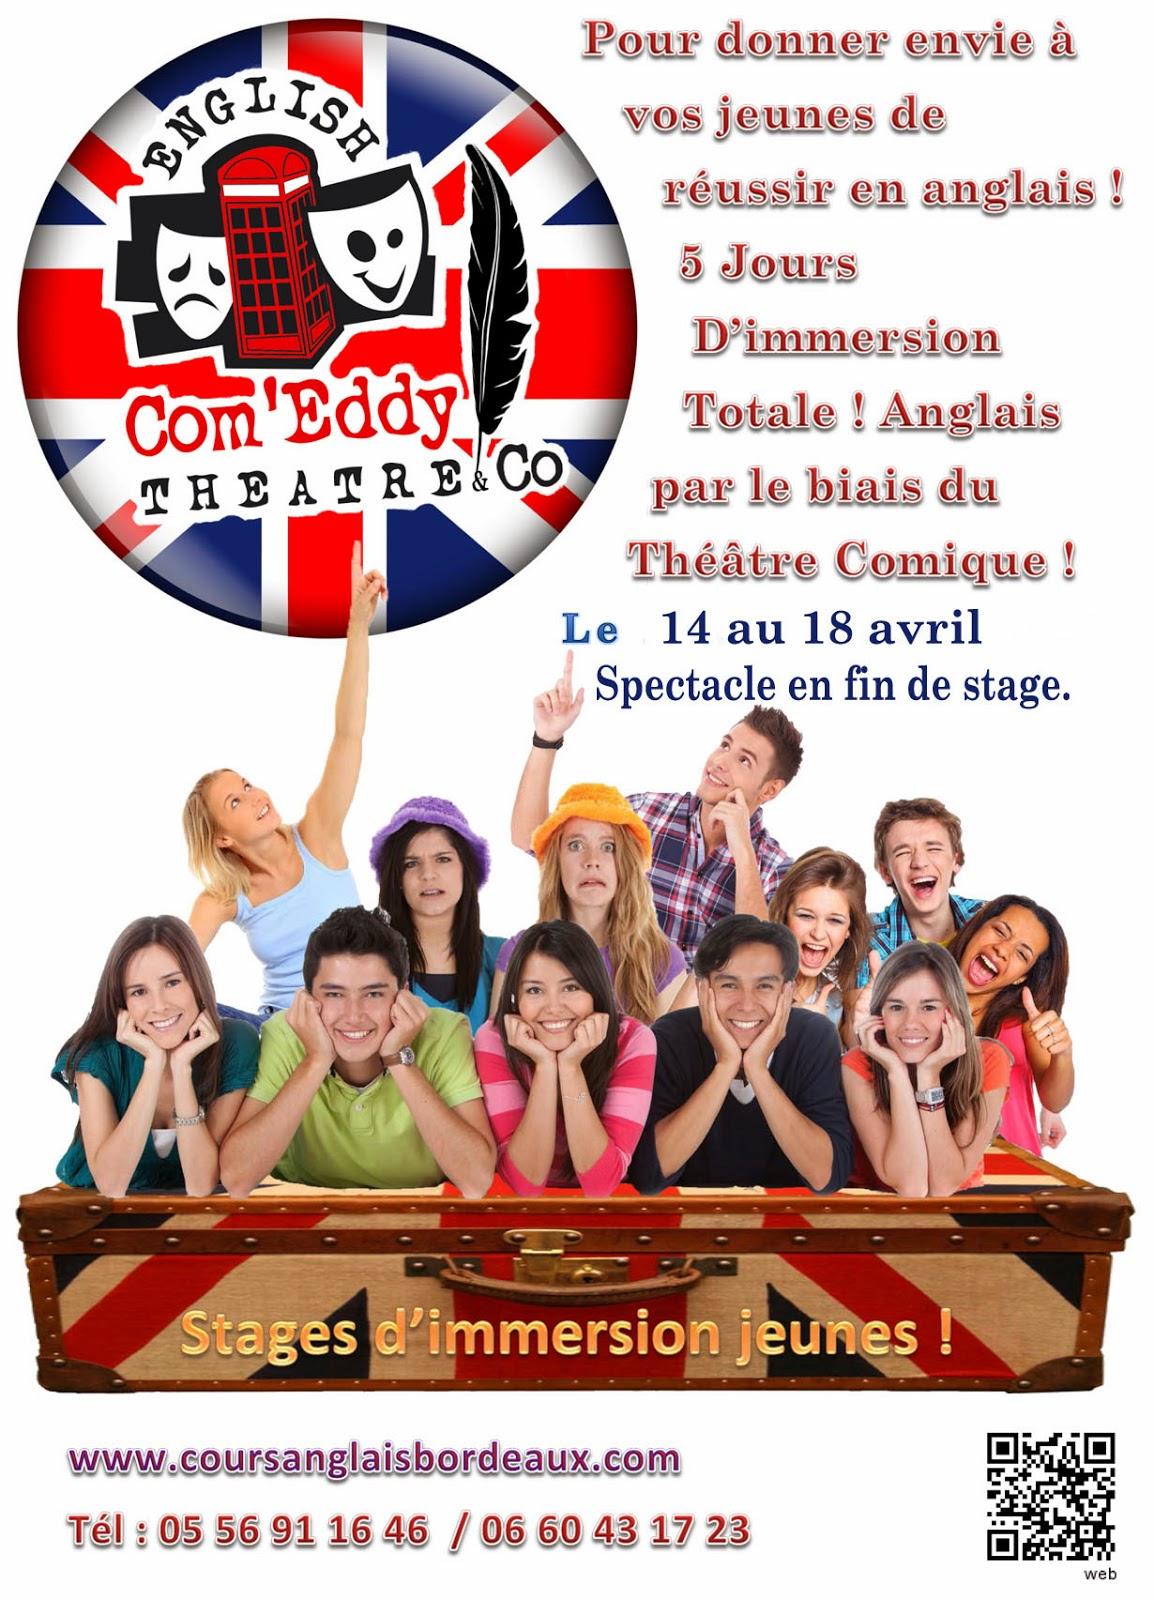 http://www.coursanglaisbordeaux.com/index_m.html